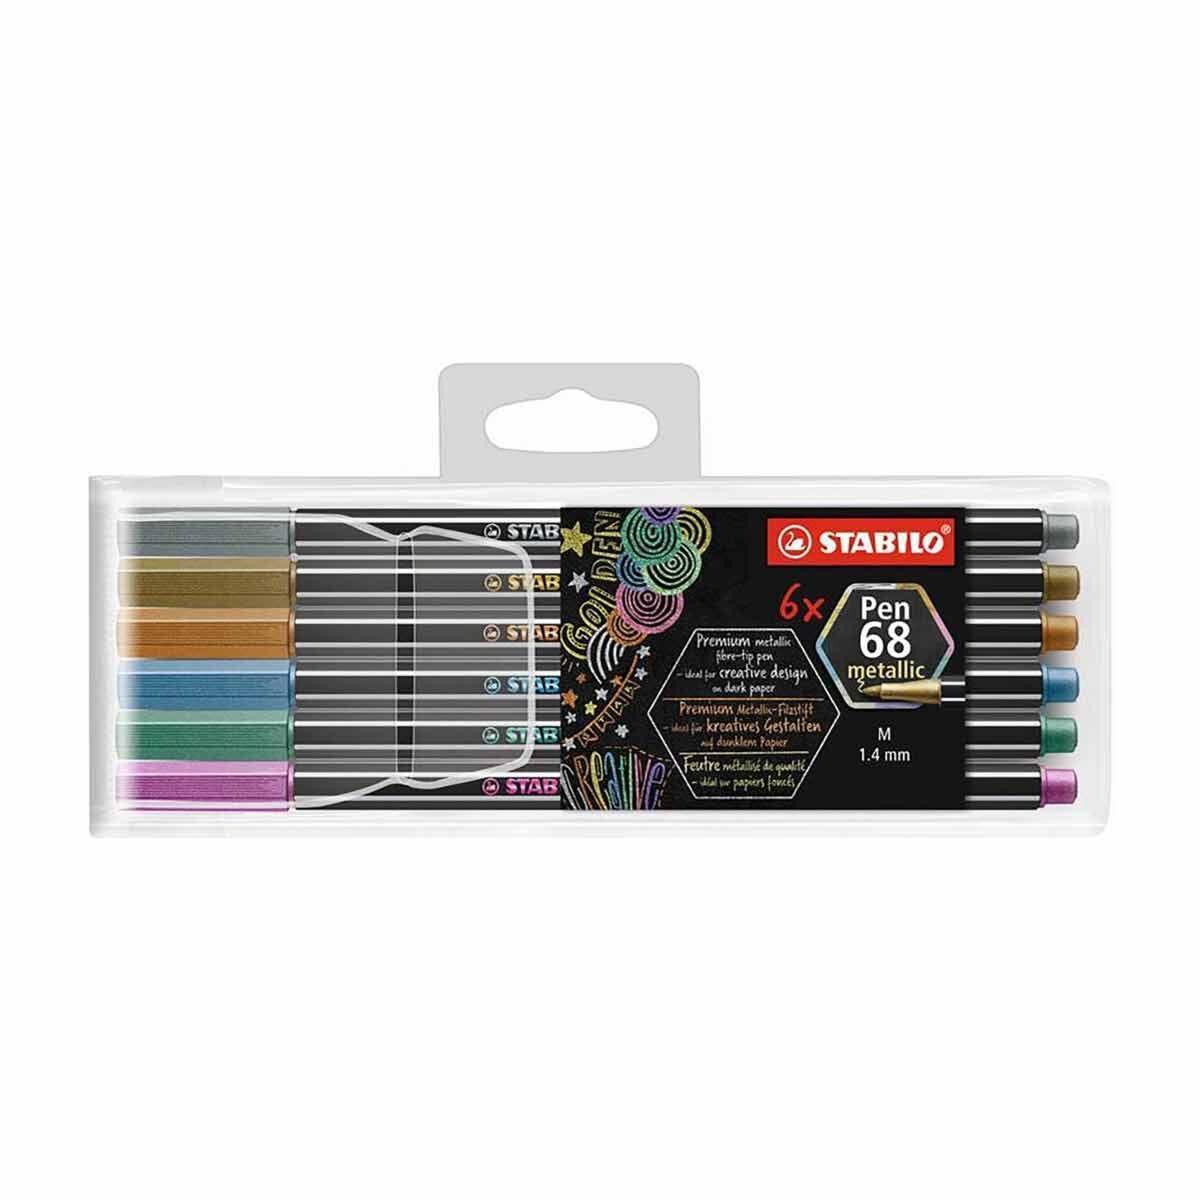 STABILO Pen 68 Metallic Pack of 6 Assorted